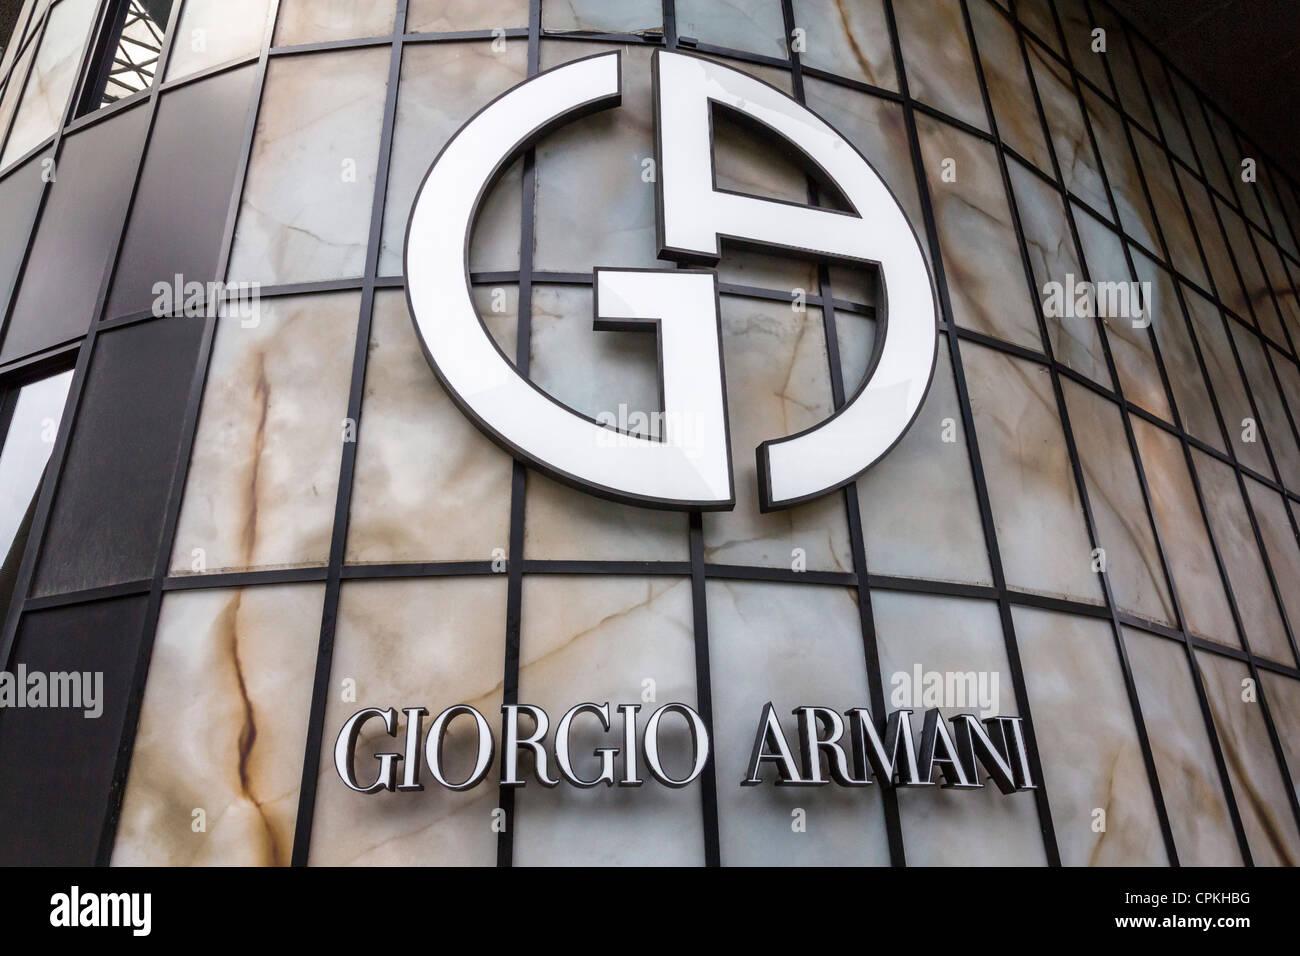 Giorgio Armani shop Orchard Road Singapore Stock Photo: 48373908 - Alamy